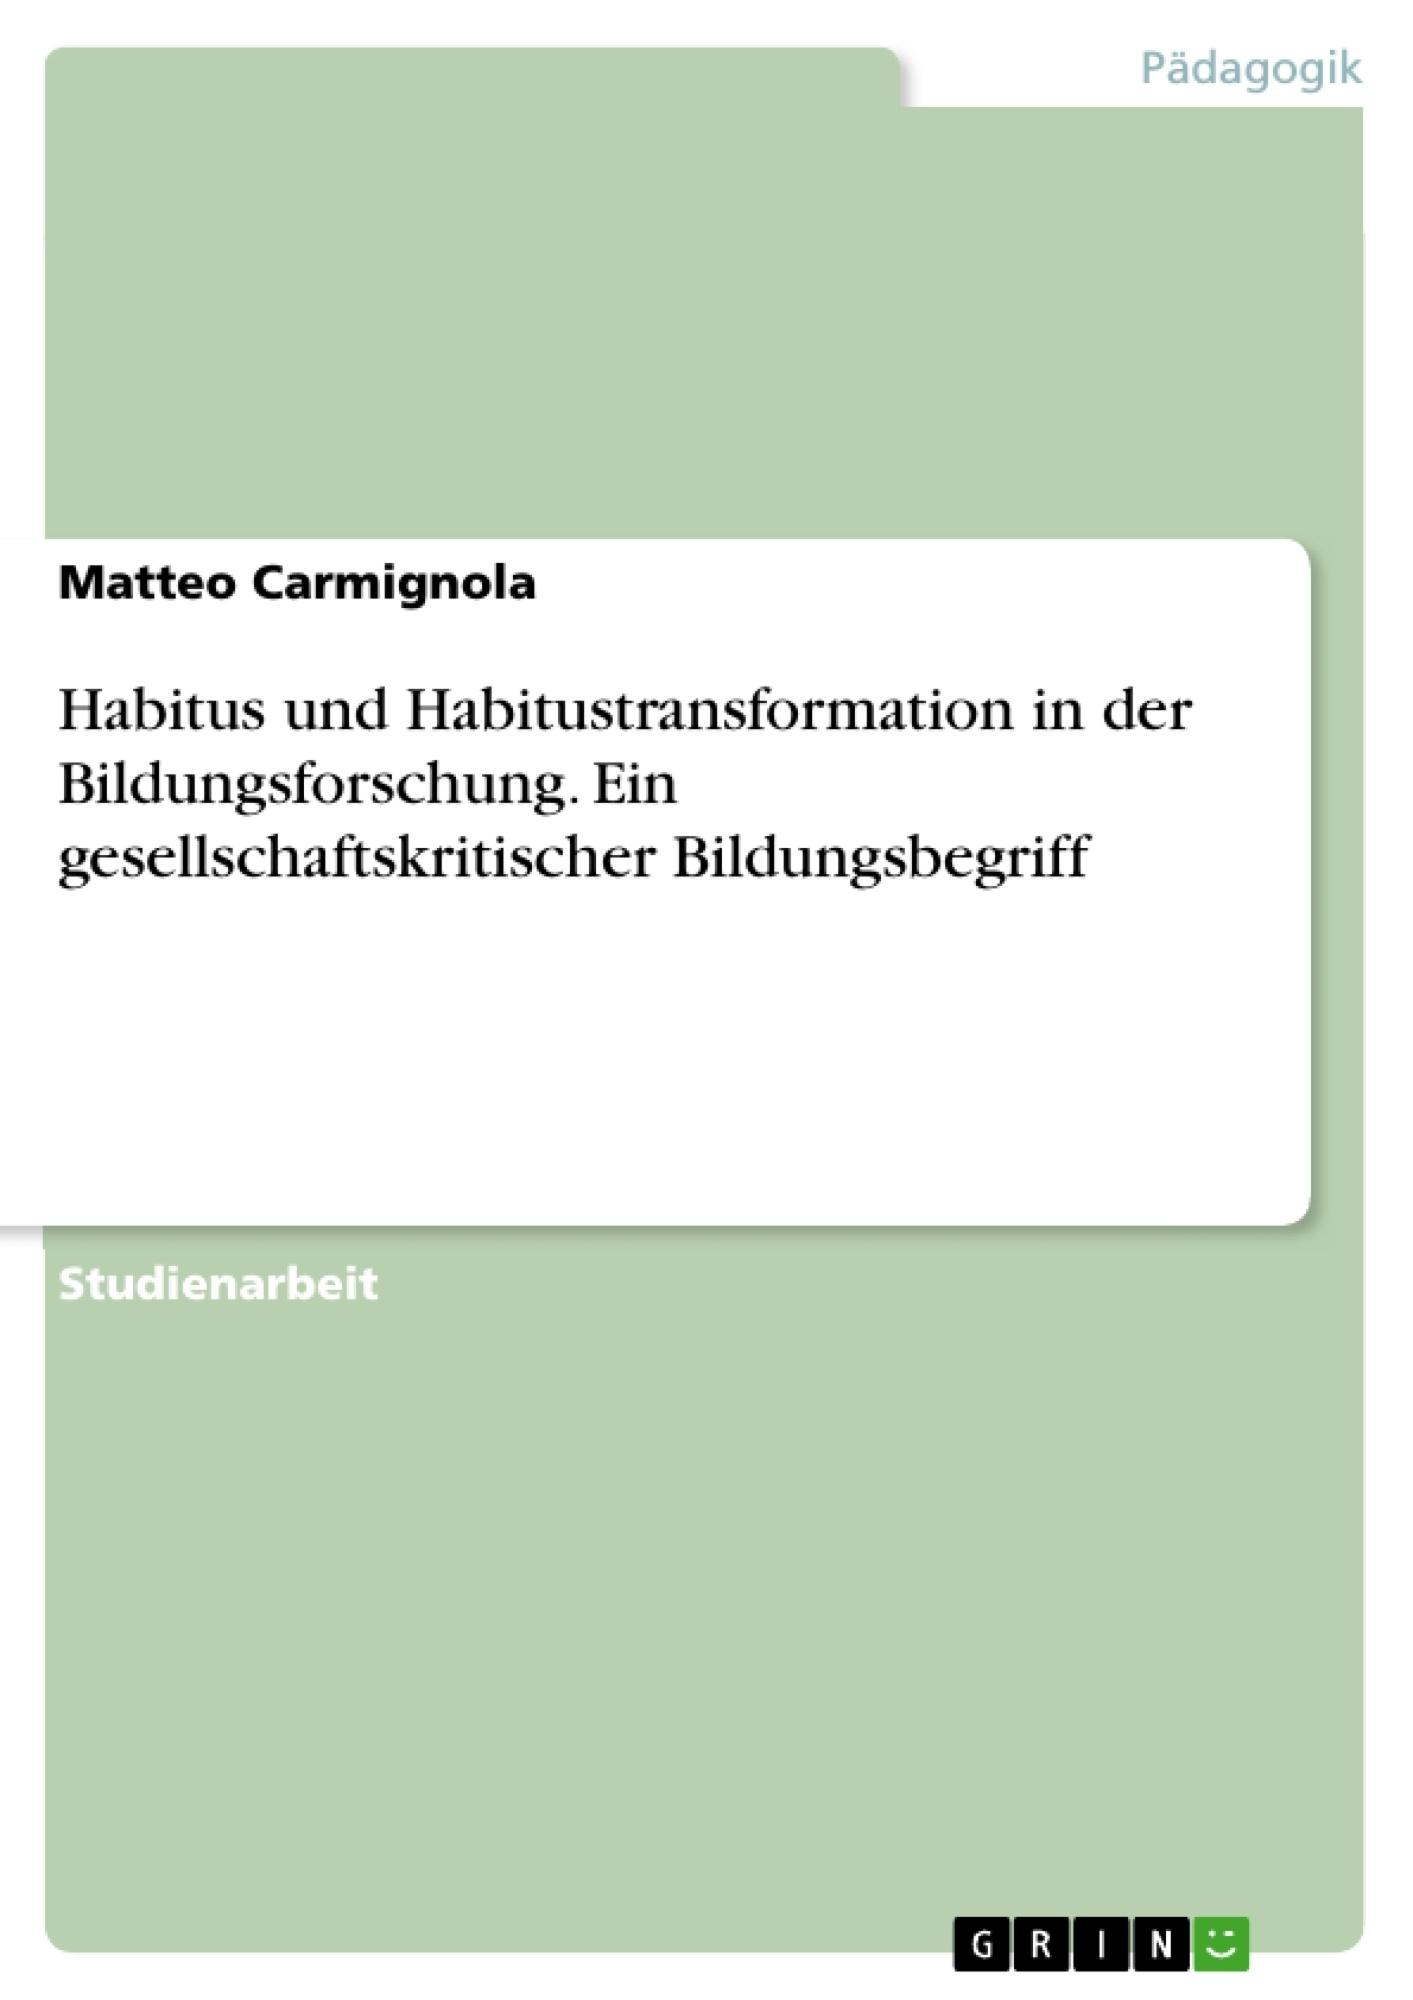 Titel: Habitus und Habitustransformation in der Bildungsforschung. Ein gesellschaftskritischer Bildungsbegriff